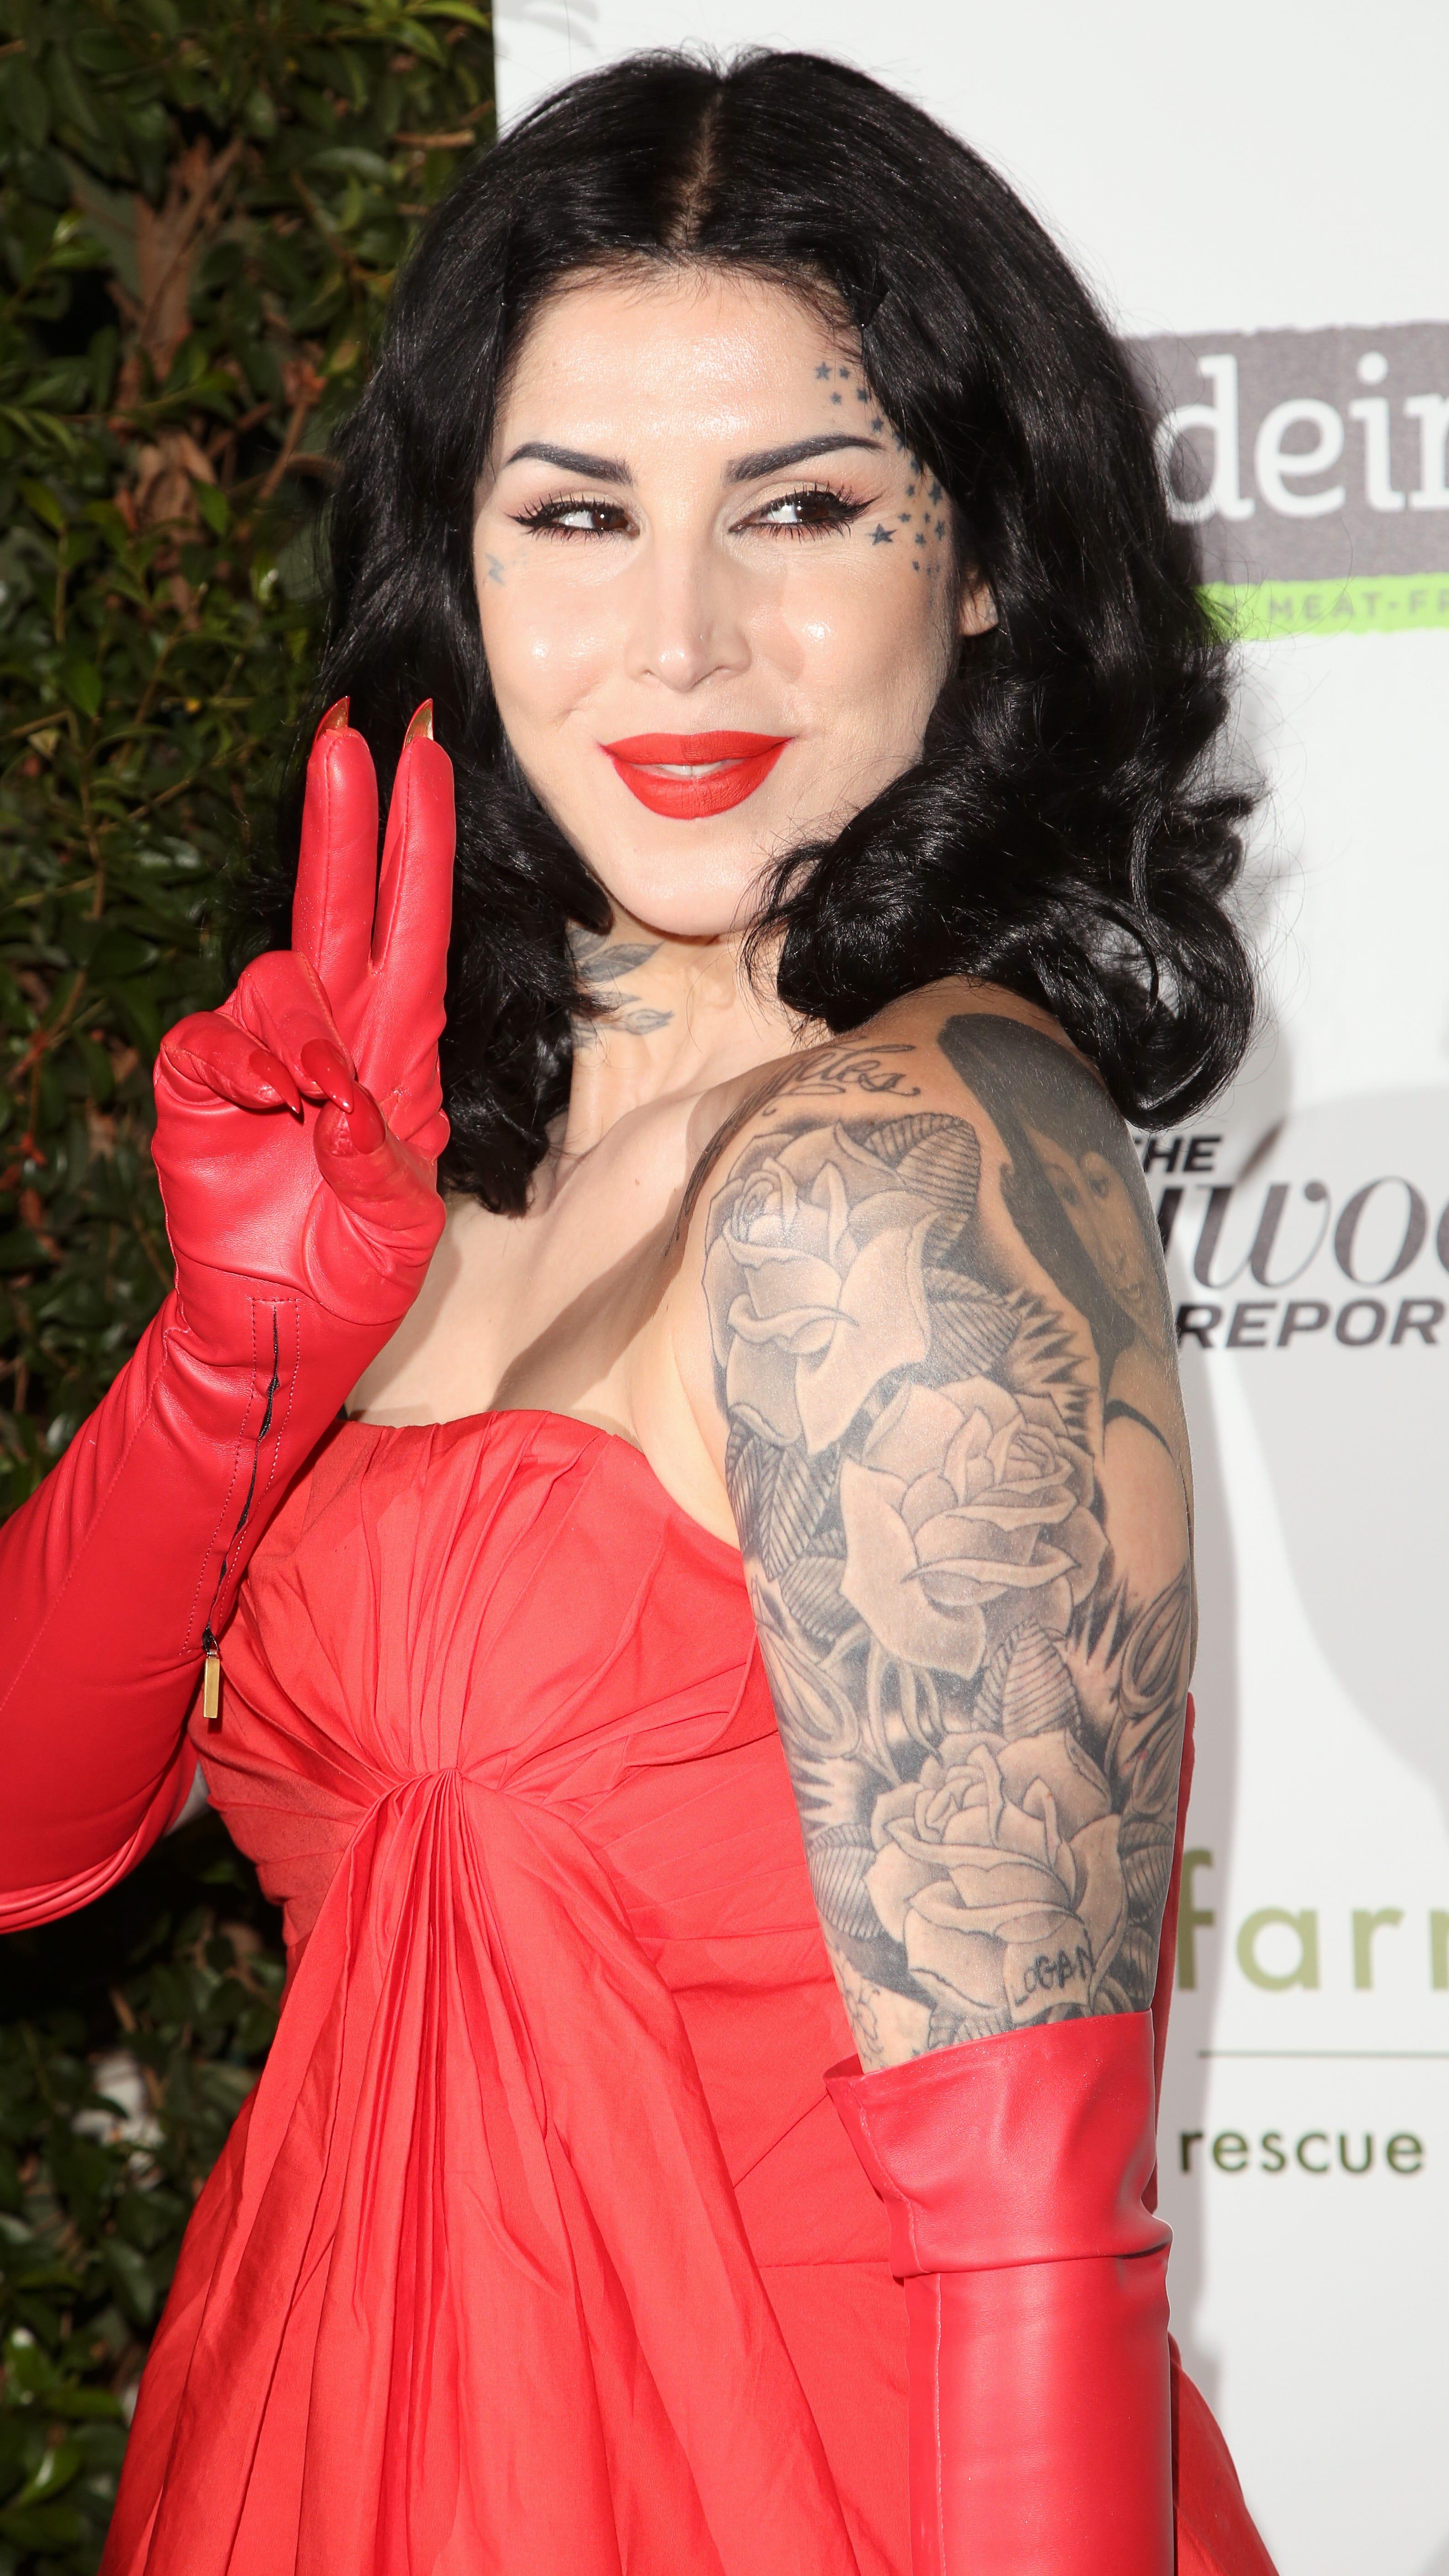 Kat von d red dress 3 months